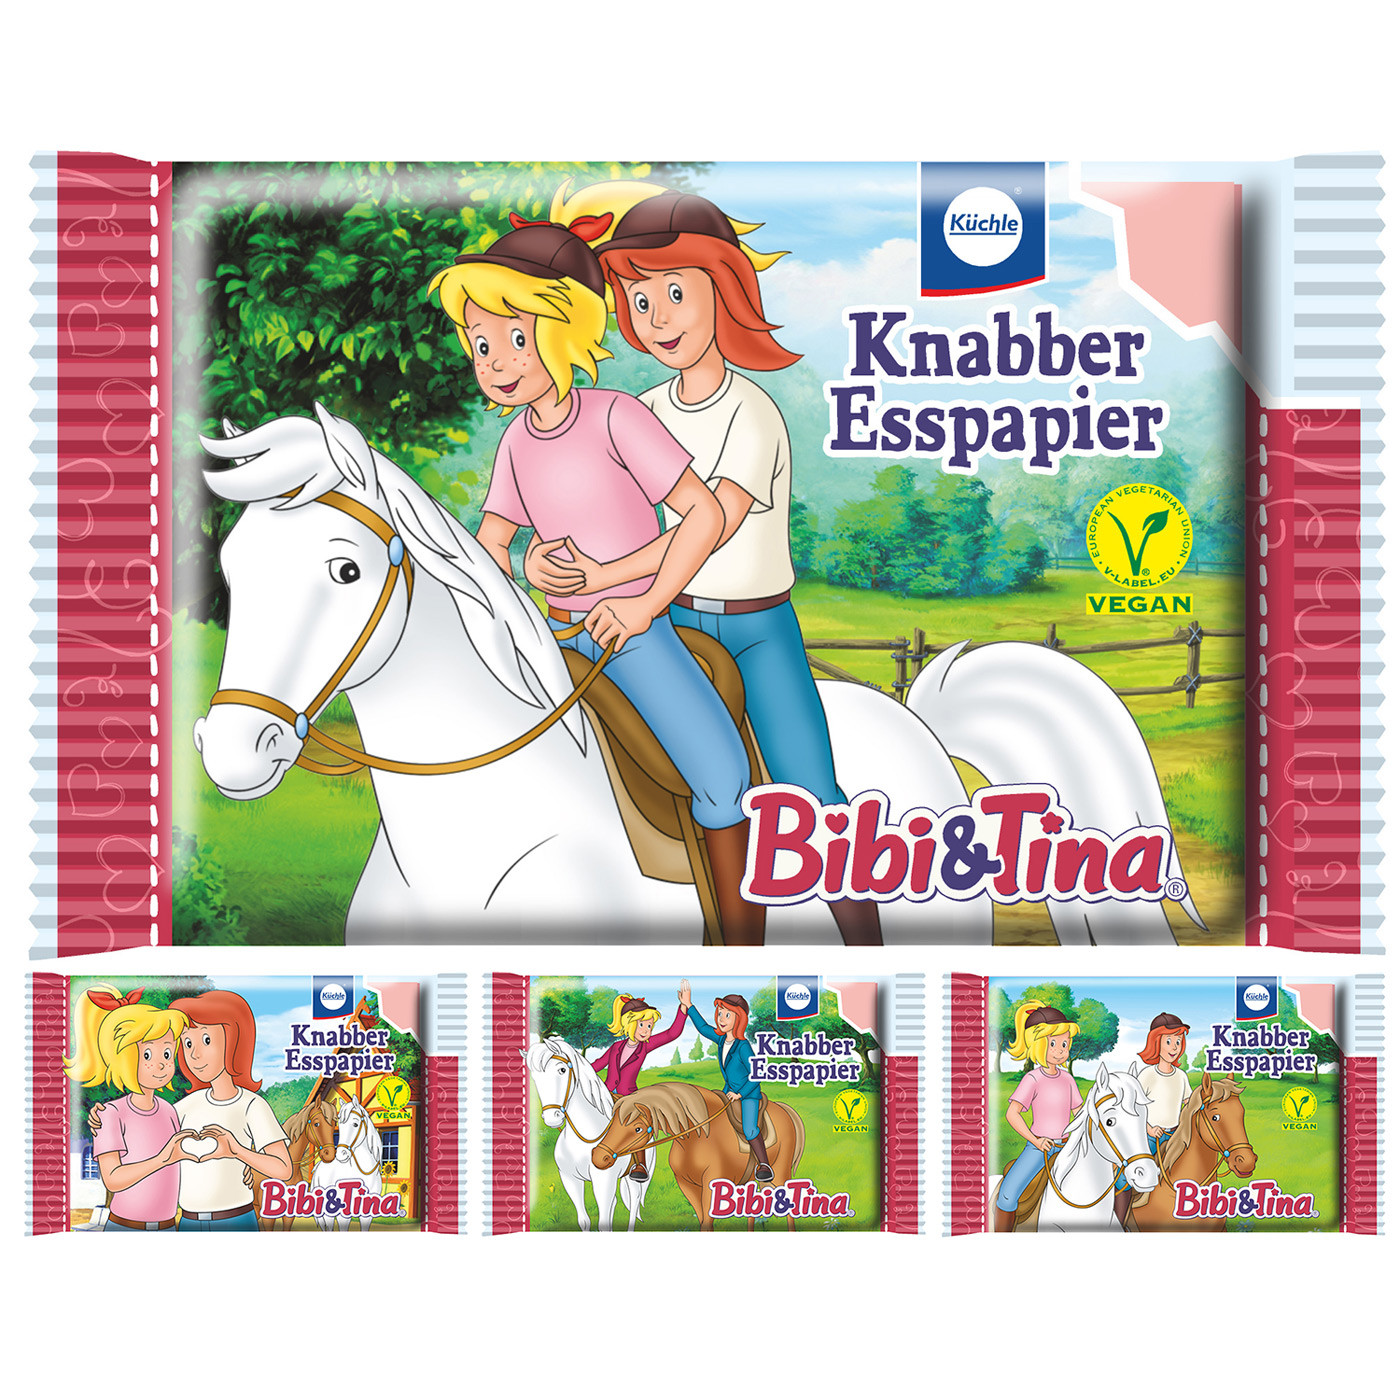 Ausmalbild Bibi Und Tina Auf Amadeus Und Sabrina Inspirierend Ostern Mit Bibi Und Tina Movieriff Fotos